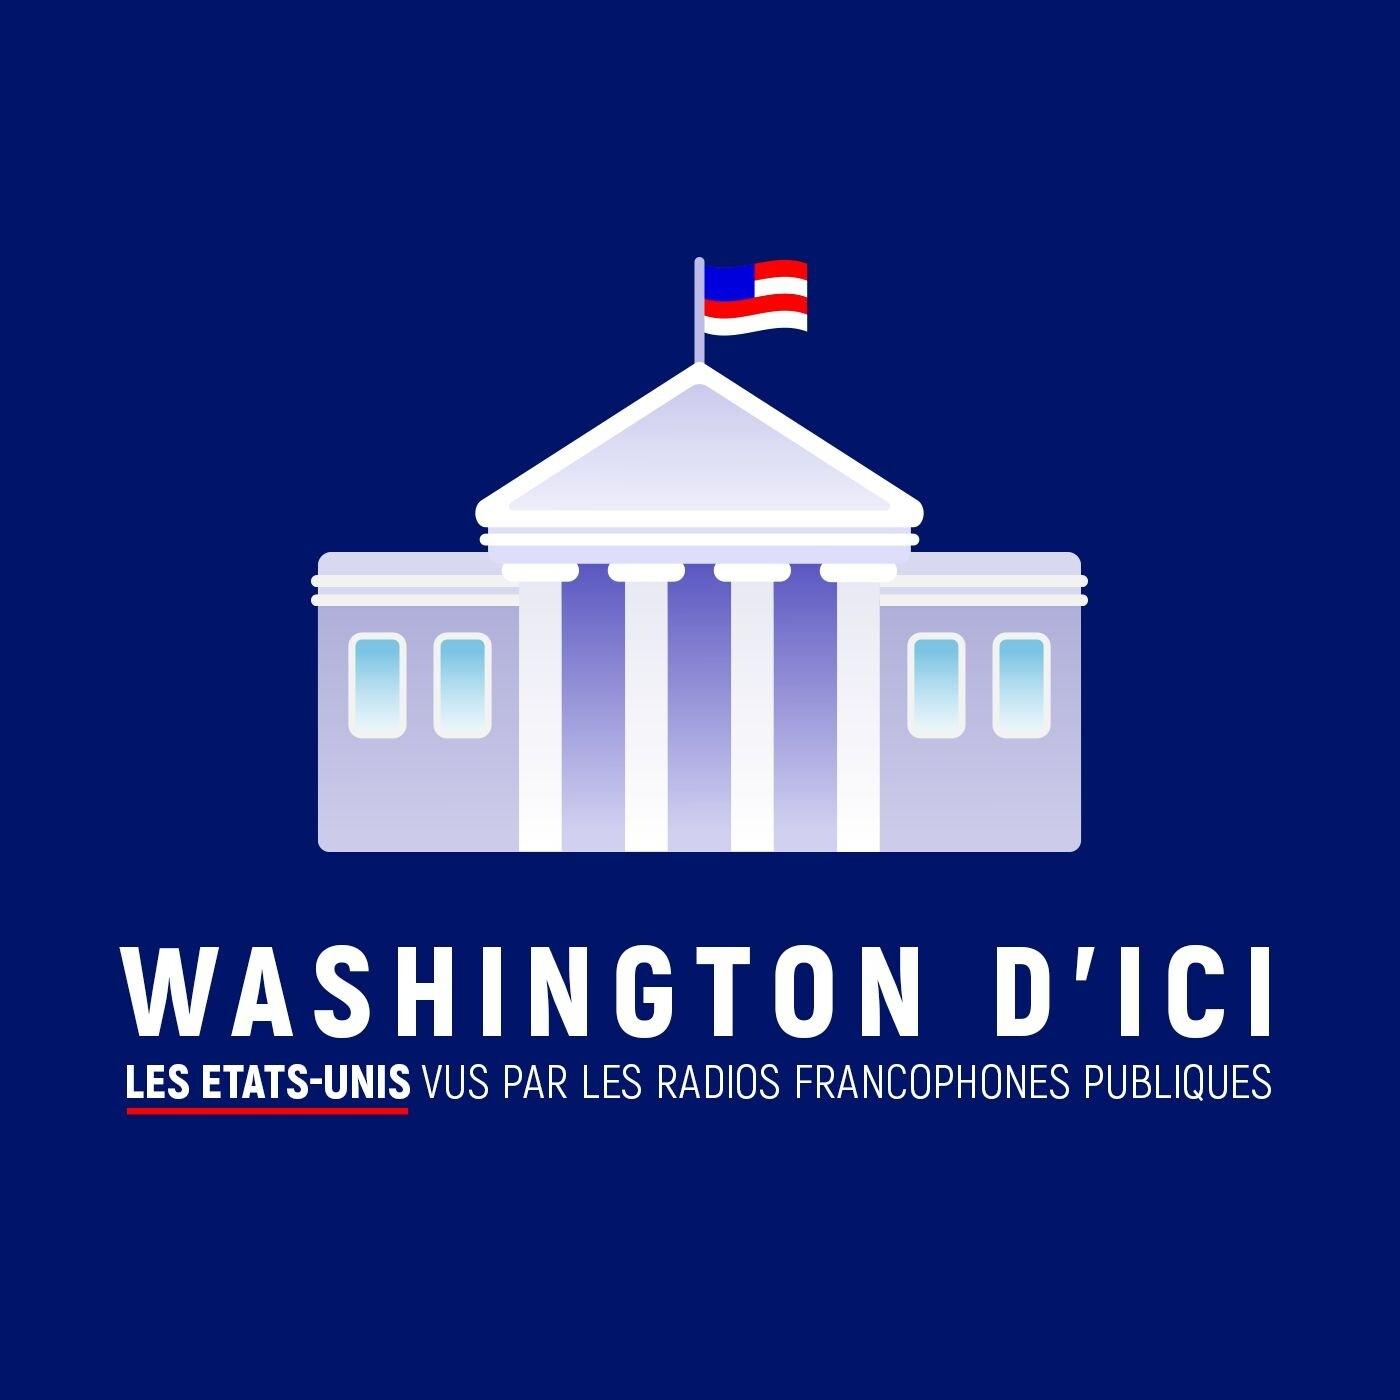 Washington d'ici arrive le 4 novembre - Bande annonce